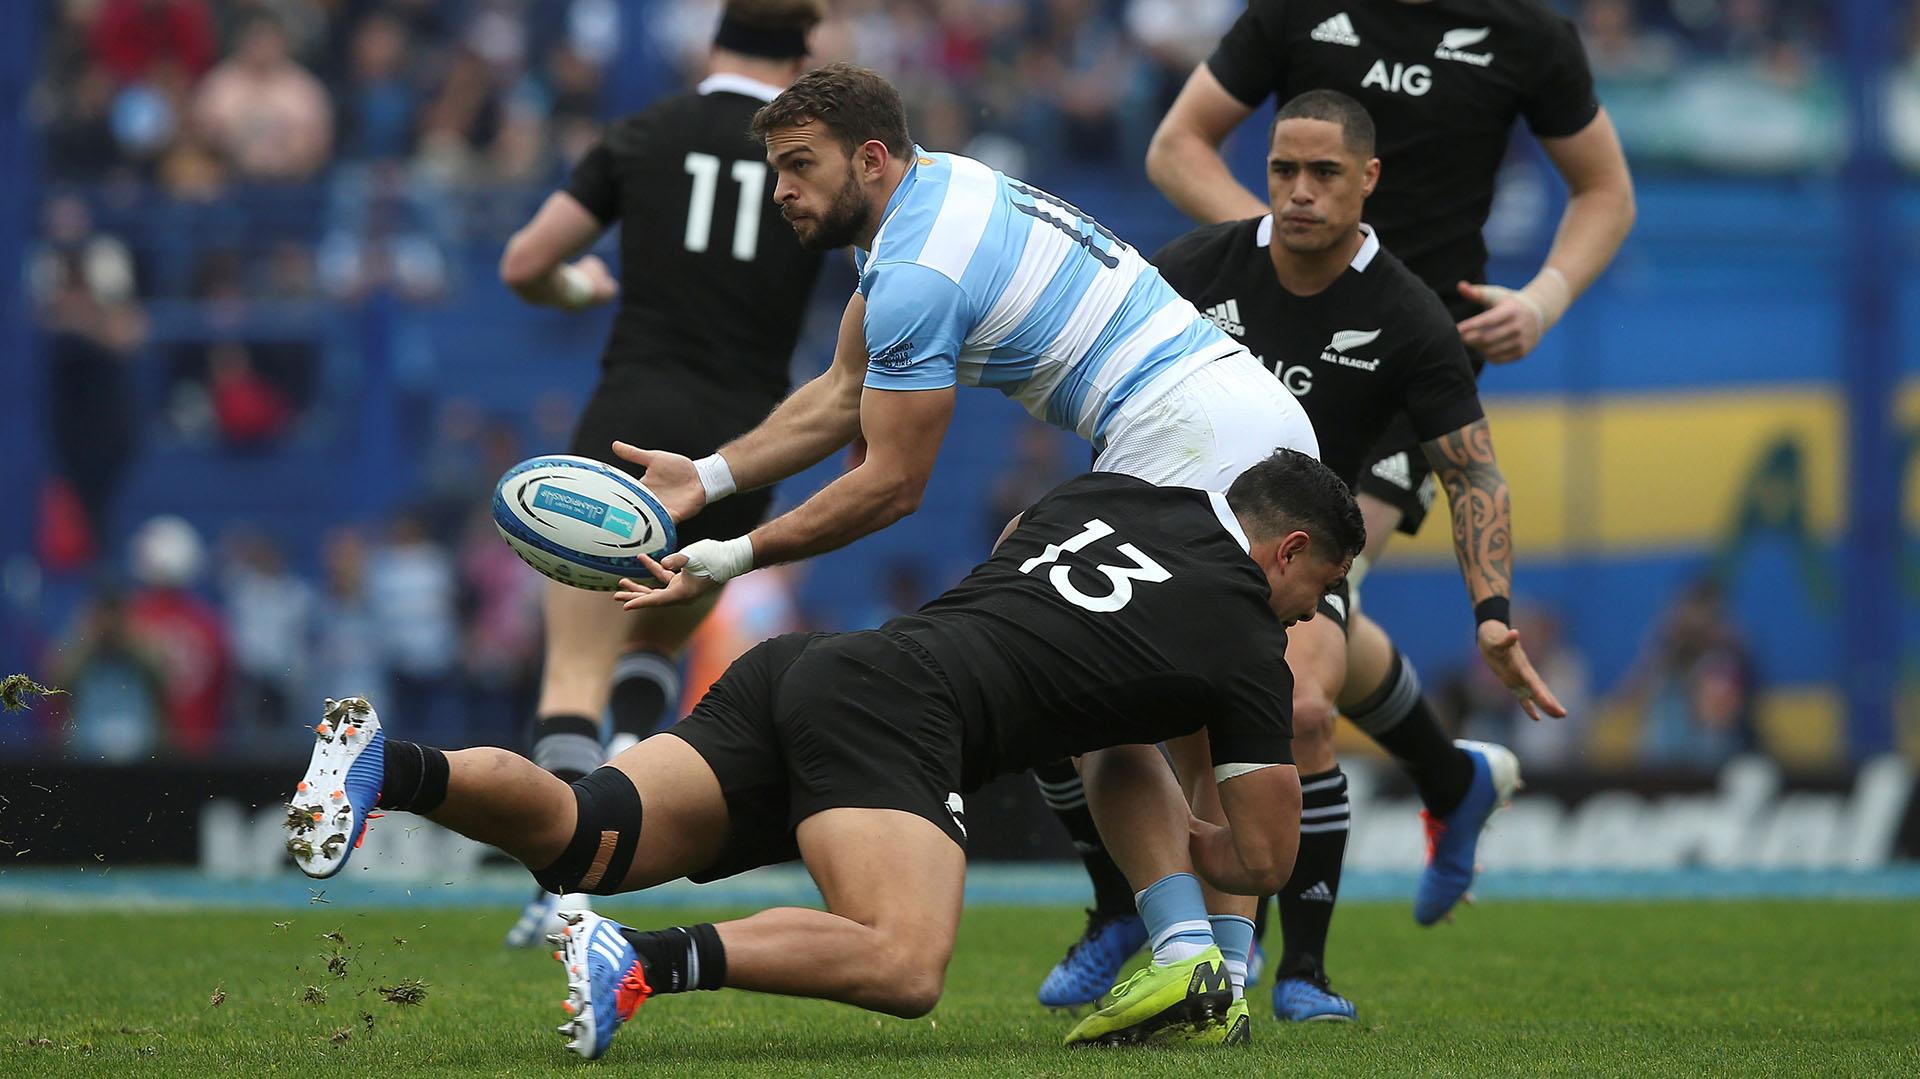 Calendario Pumas Rugby 2019.En Un Apasionante Final Los Pumas Cayeron De Manera